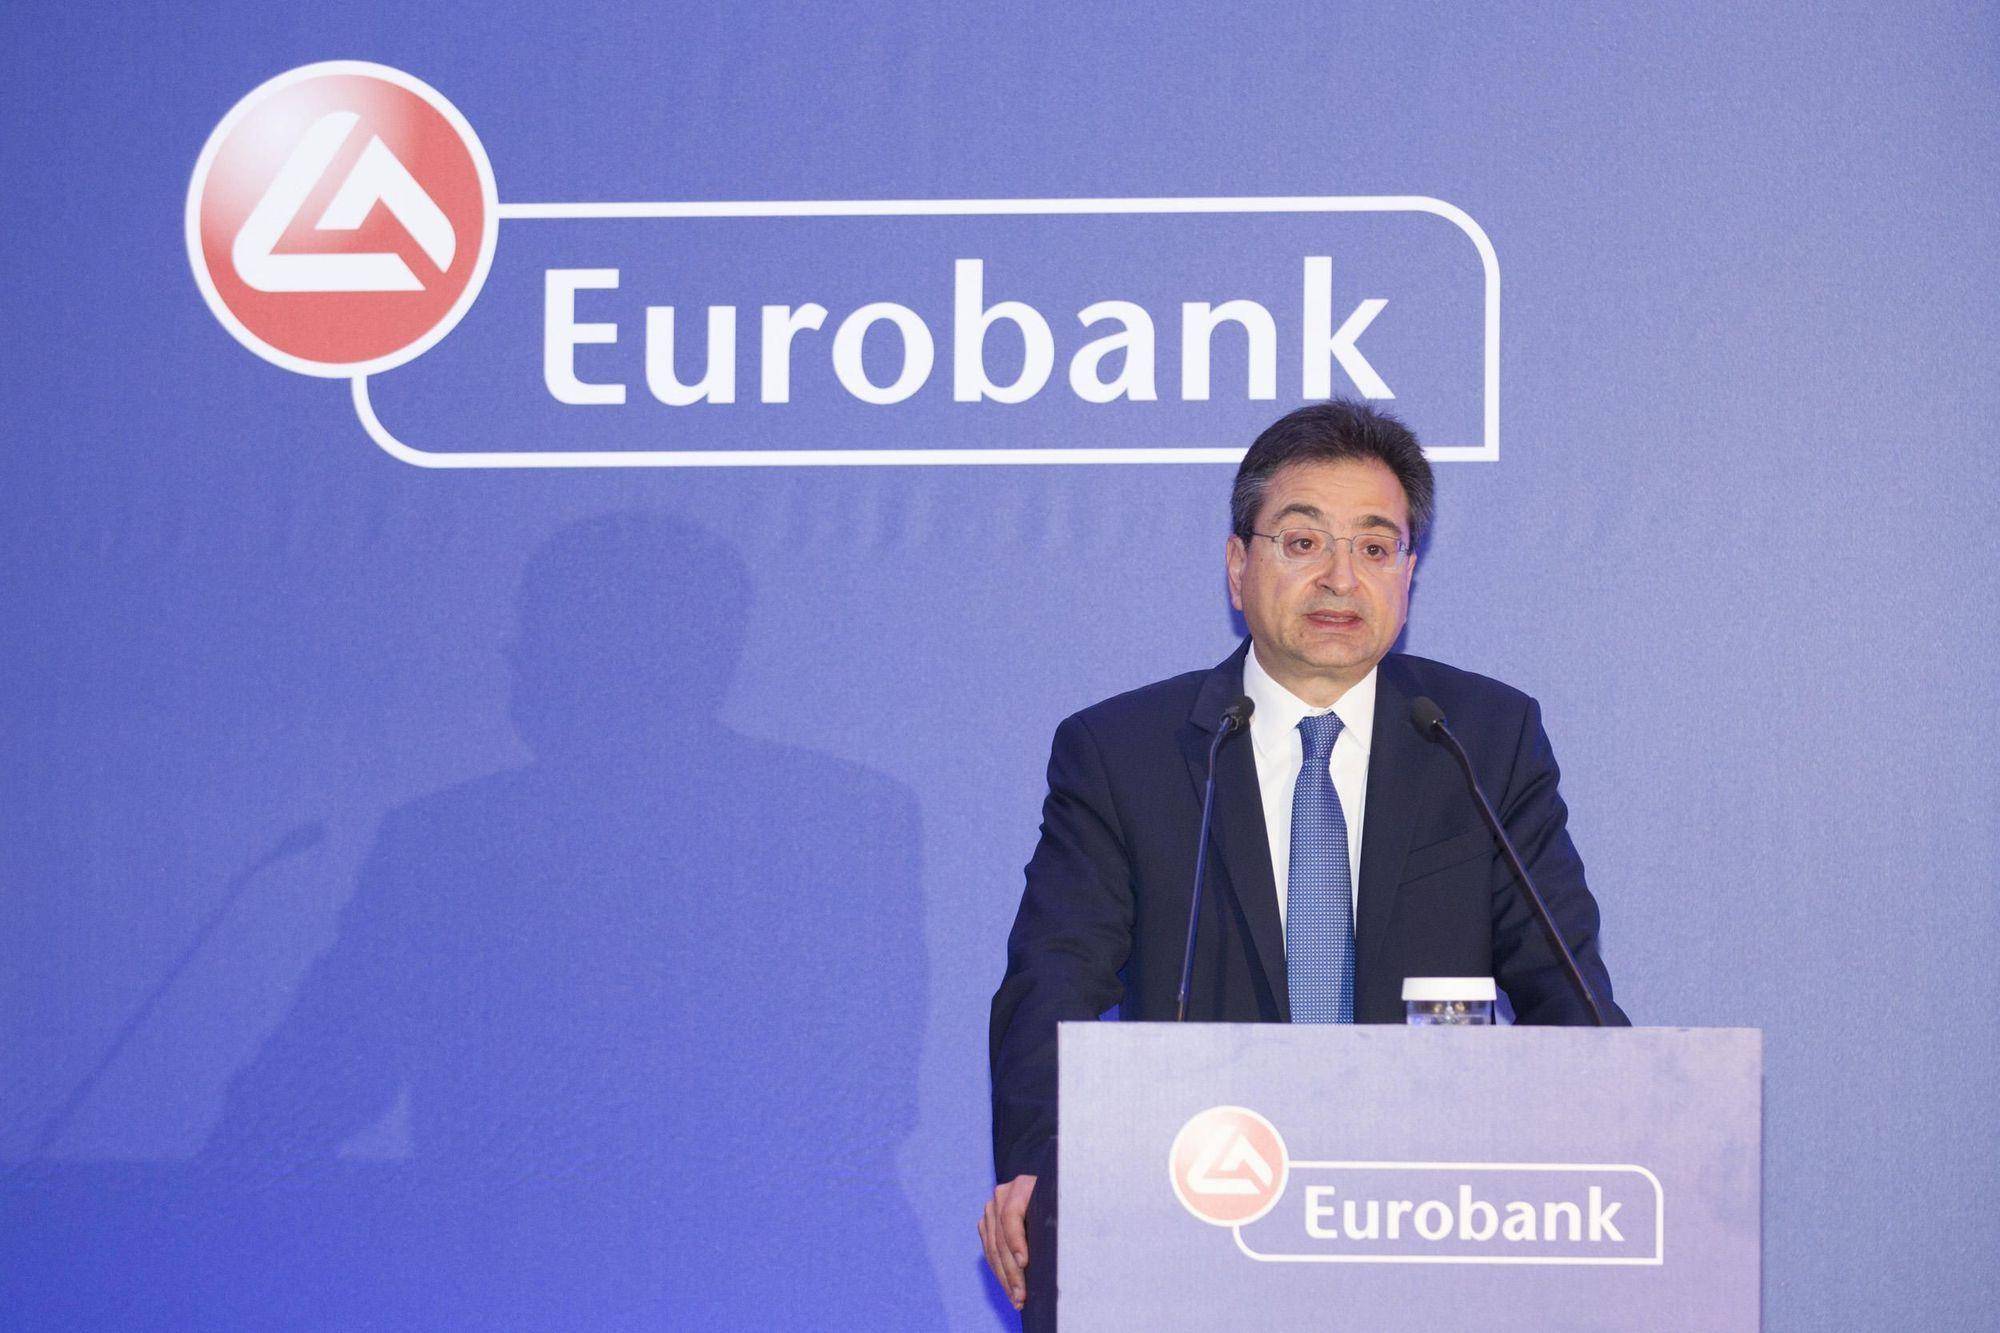 Φωκίων Καραβίας Eurobank